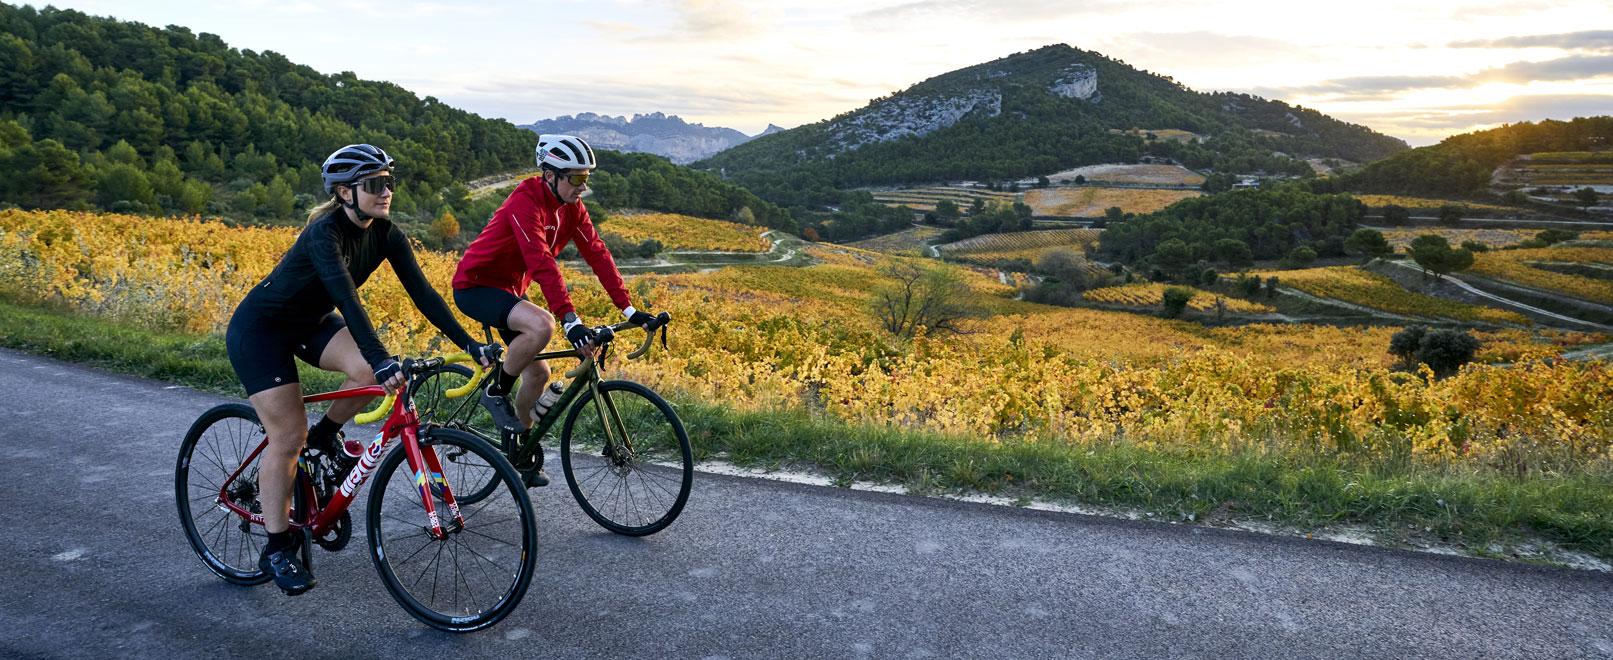 Viñedos y bicicleta: ¡Dúo Di-Vino!